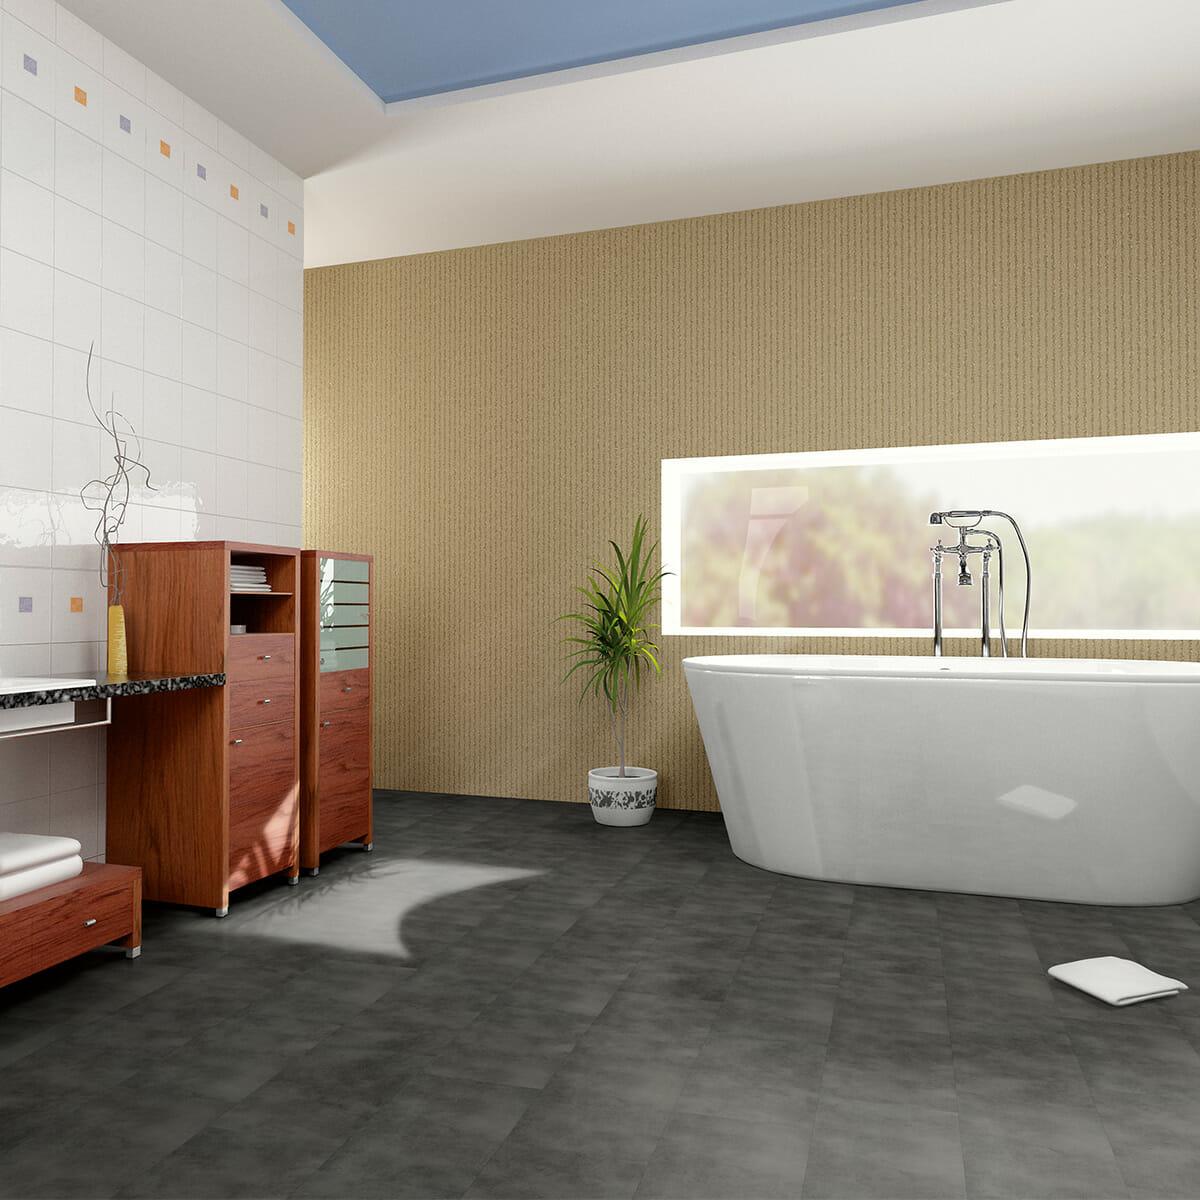 Vinylboden Bad – unsere Fliesen können Sie problemlos verlegen